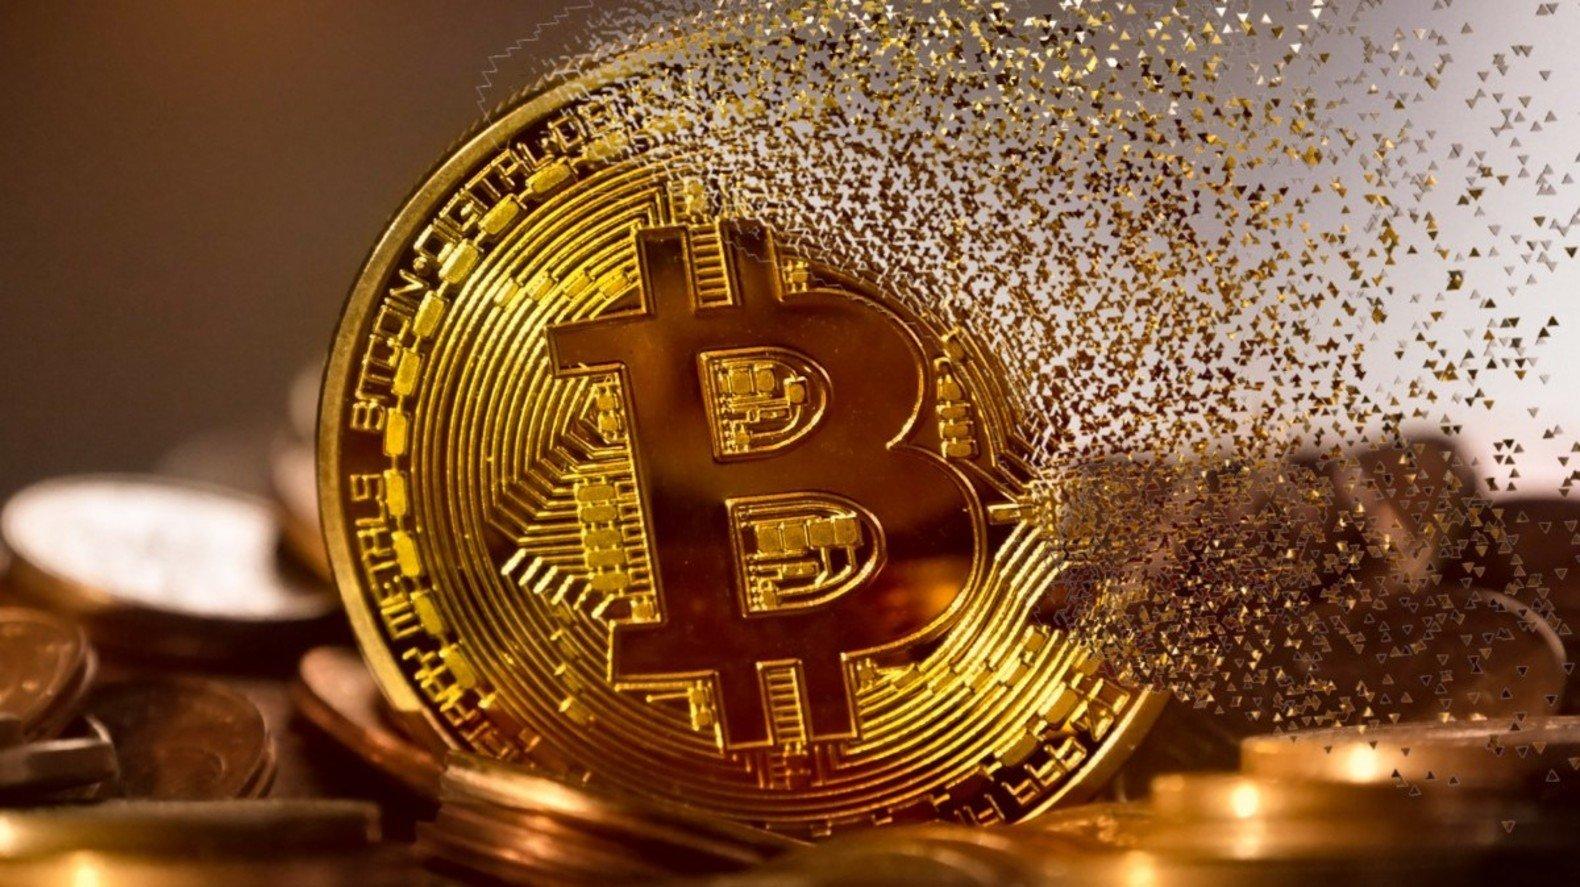 Bitcoin hesabının şifresini unuttu! Hatırlamazsa 220 milyon dolar çöp olacak